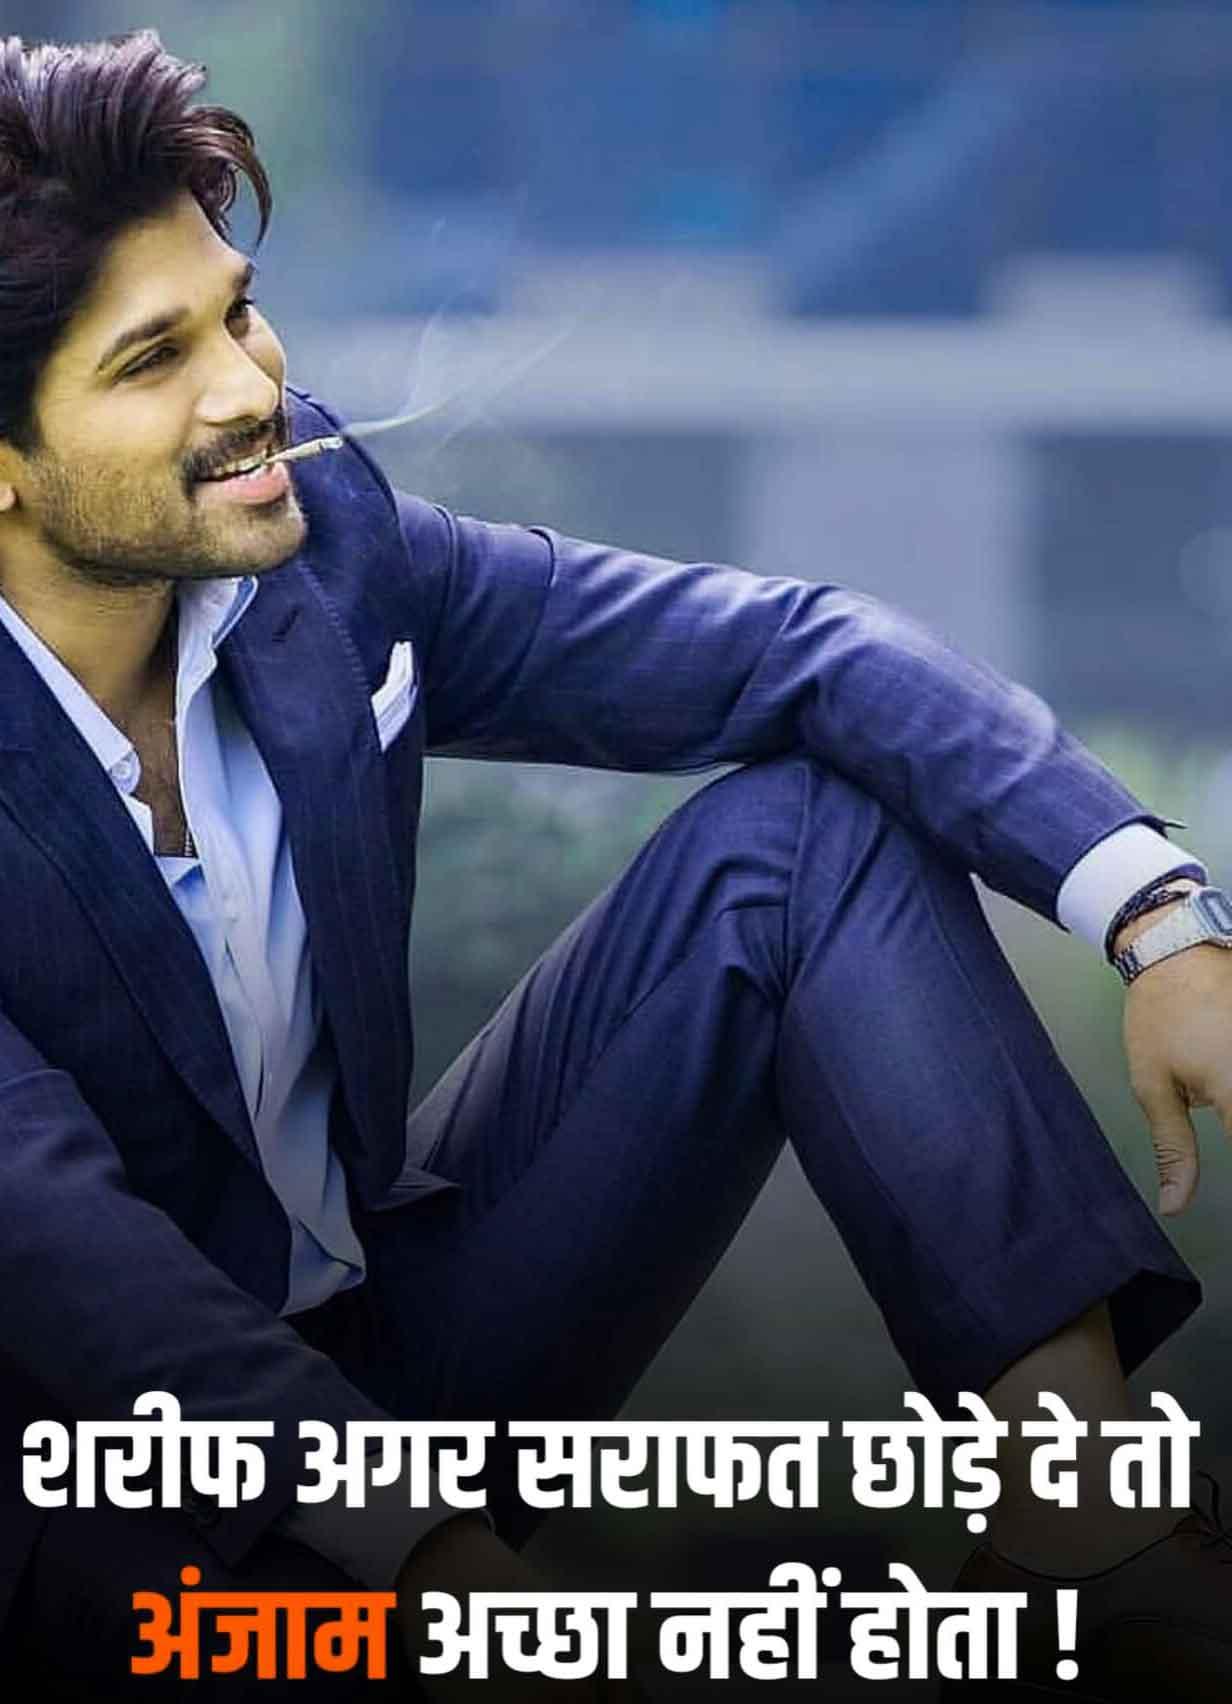 stylish boy hindi for Line Shayari hd